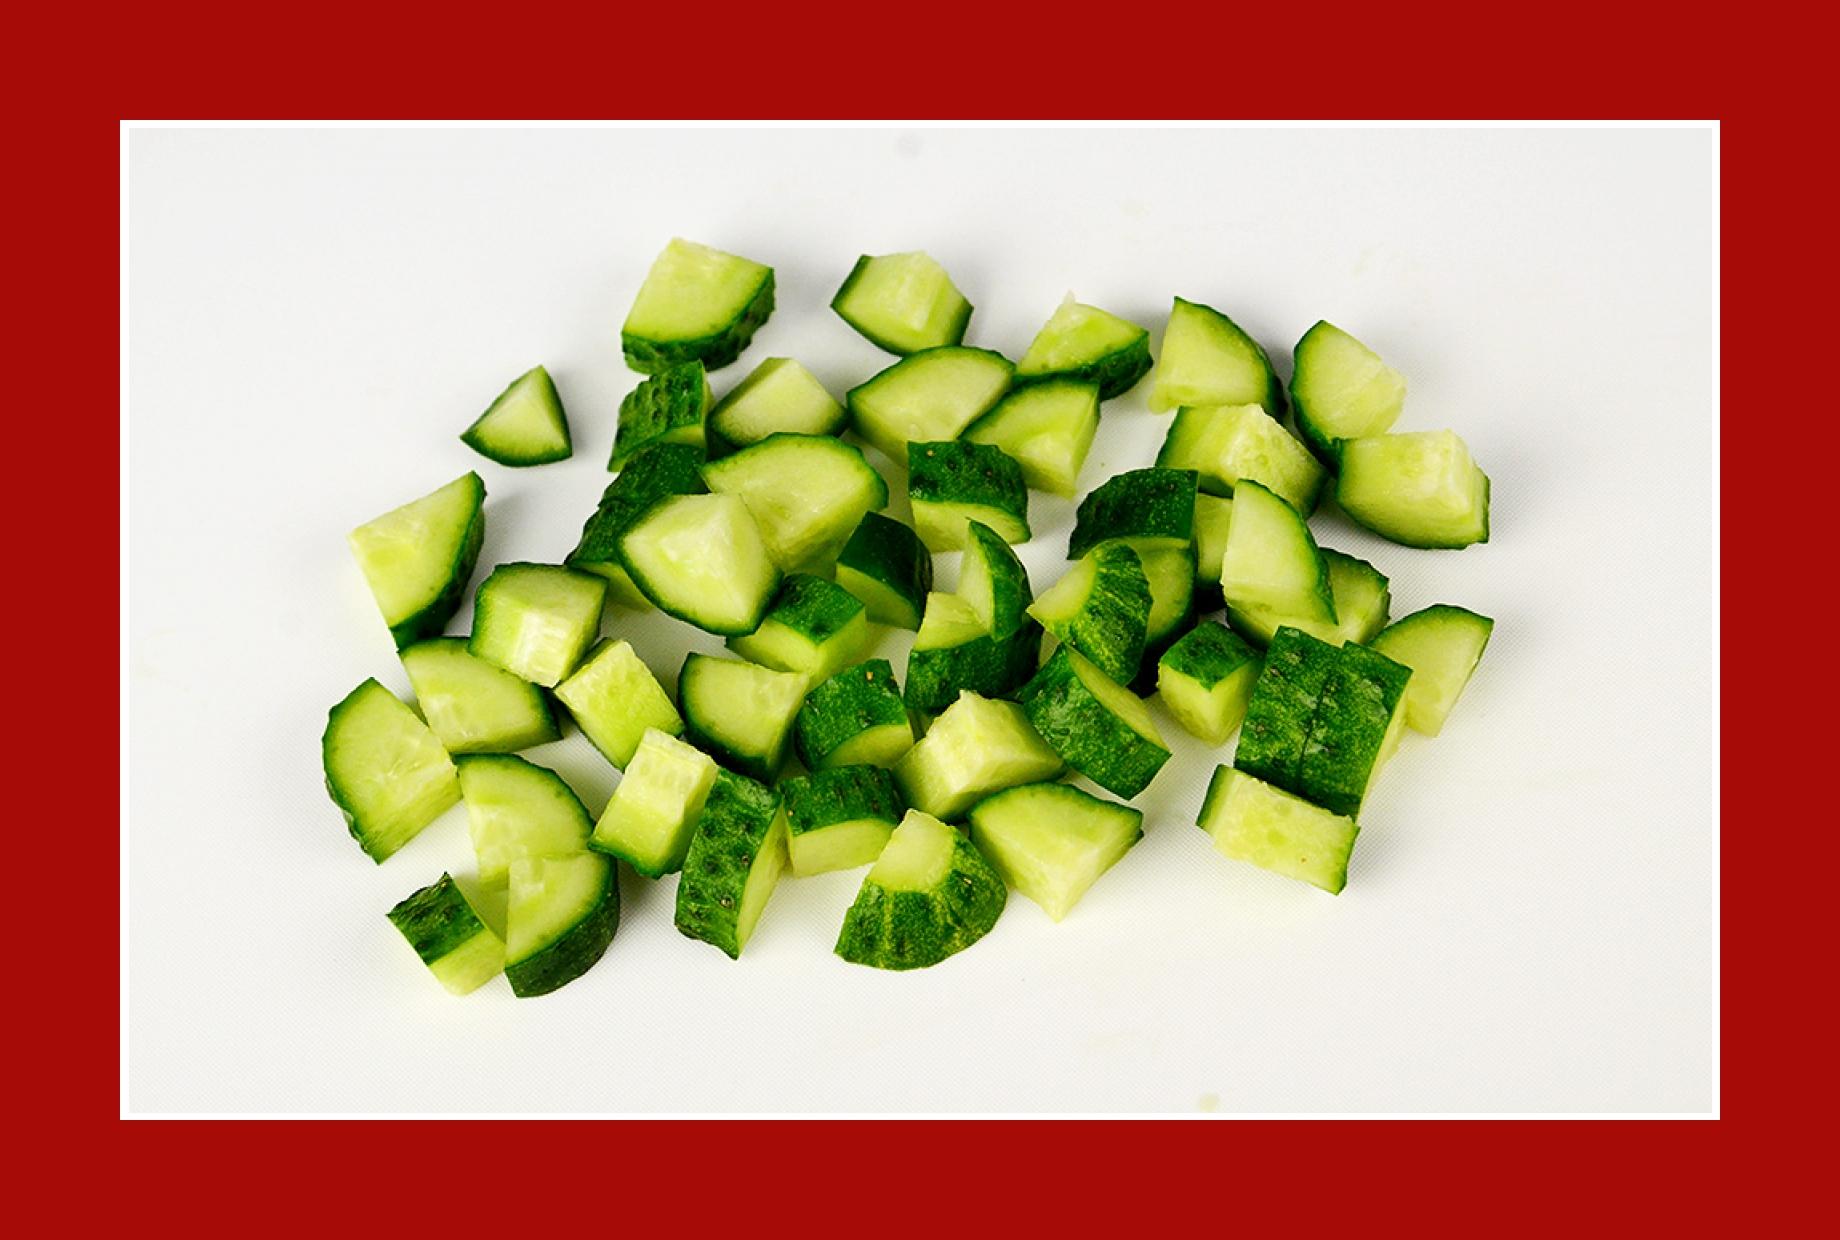 Gurkensalat Salat zum Grillen